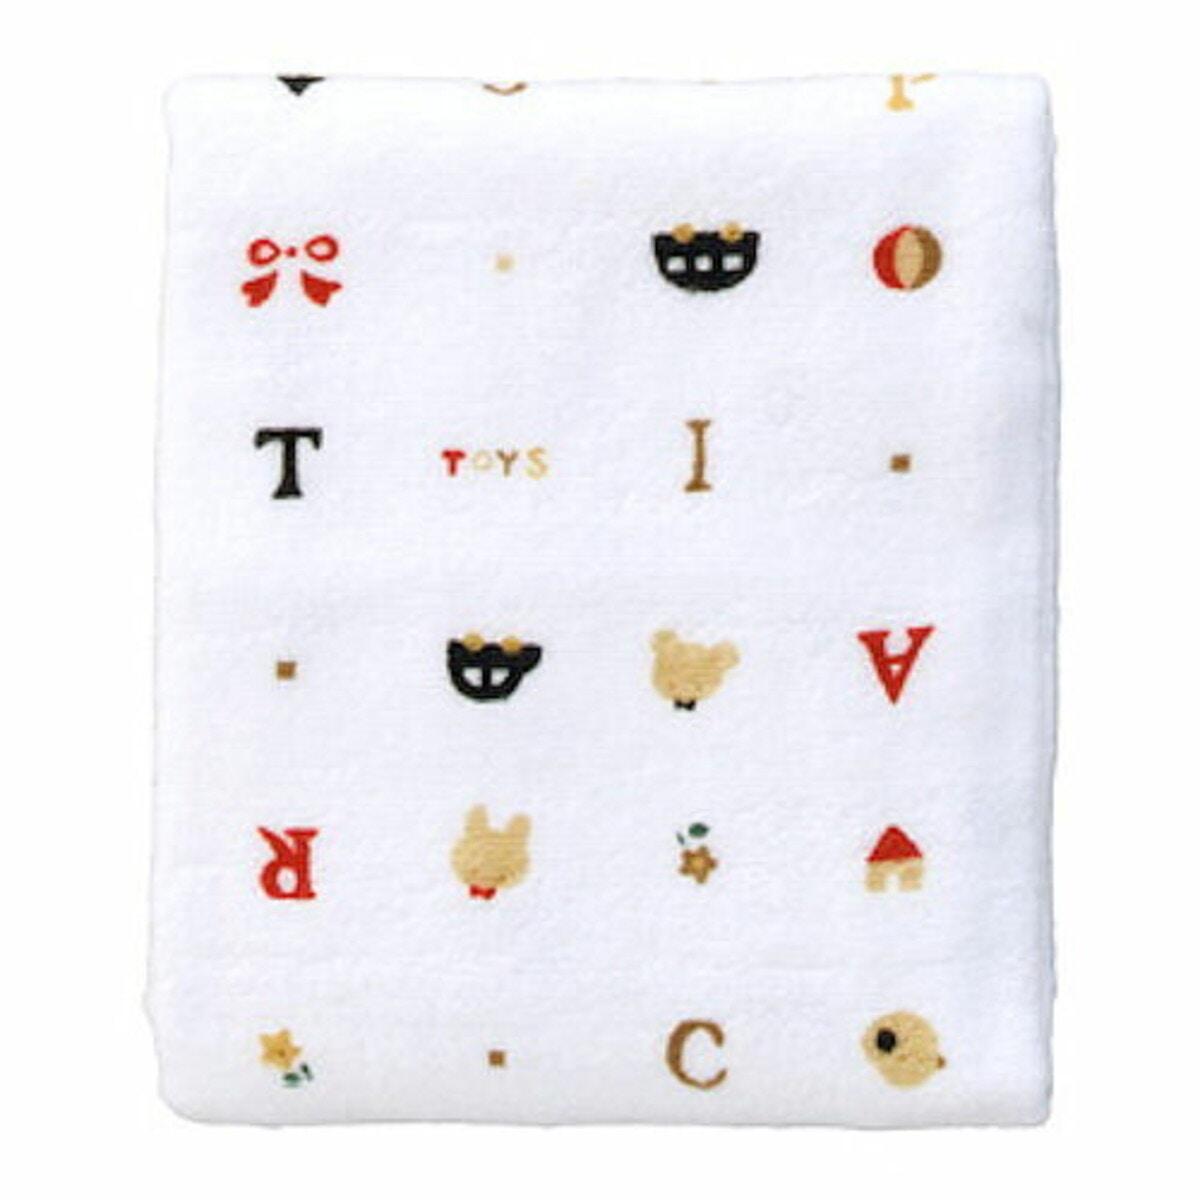 赤ちゃんの城 ベビー用バスタオル(トーイズ)